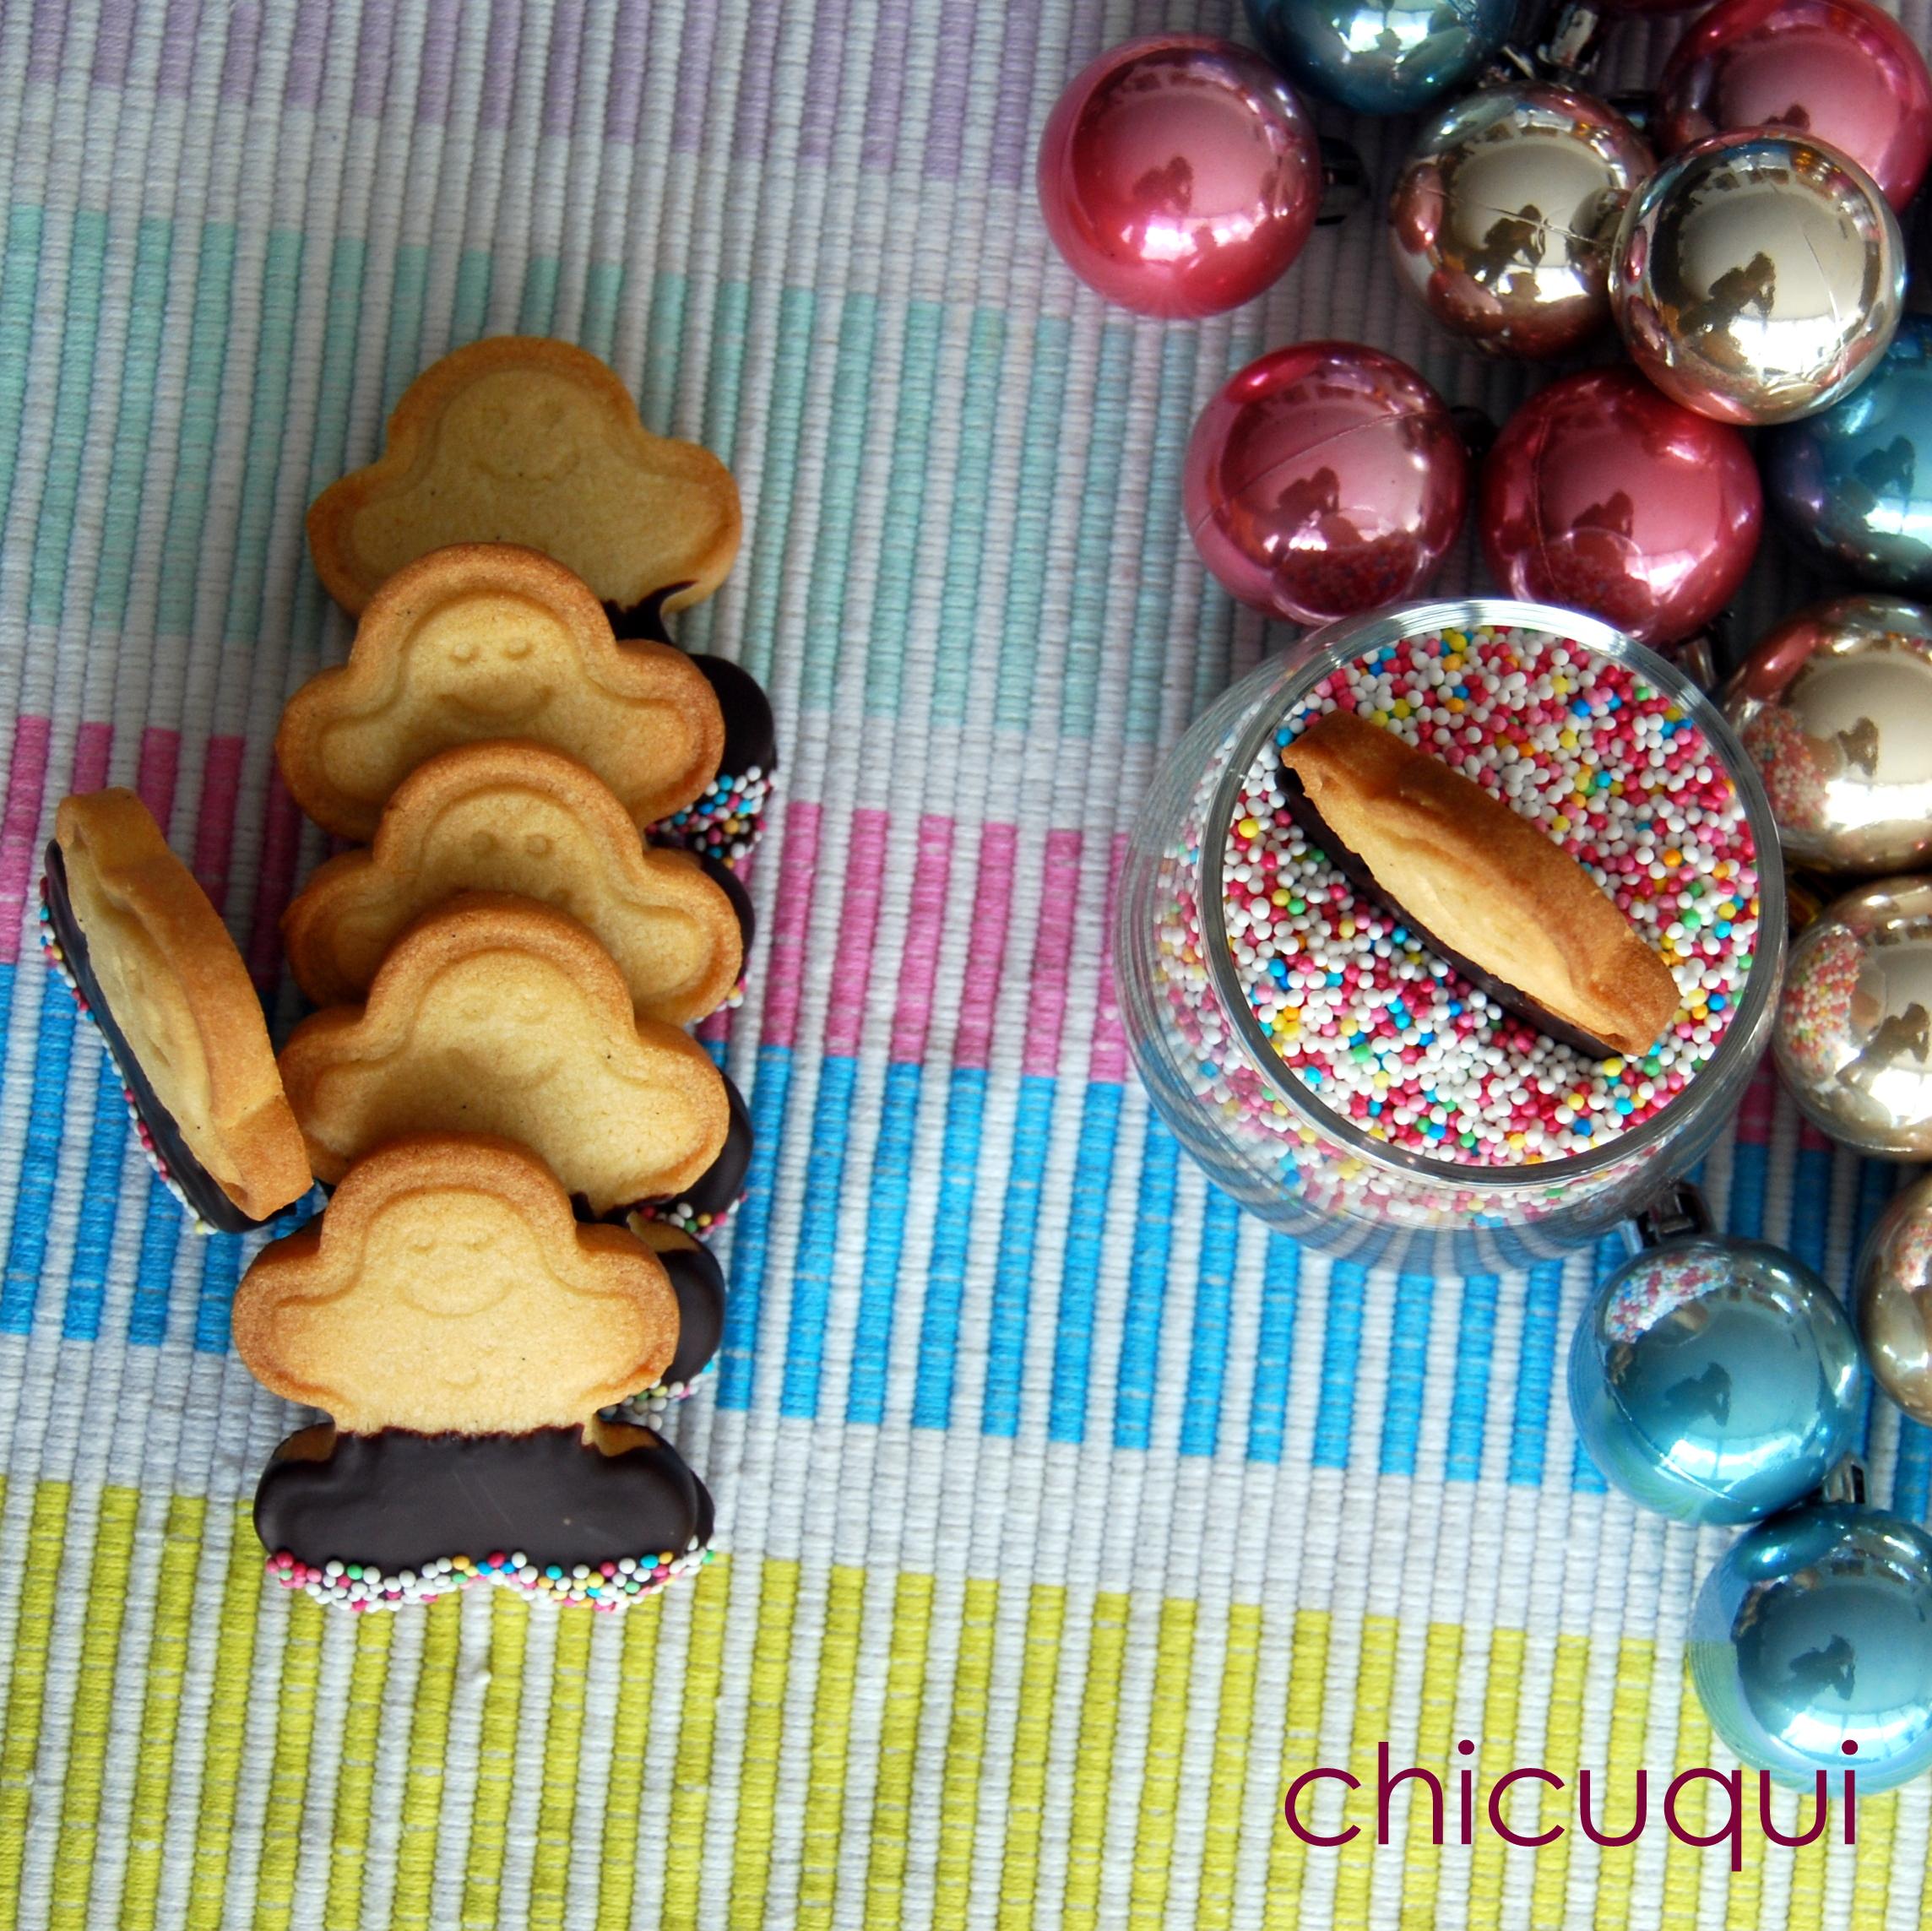 Pastas De Té En Forma De Muñeco De Jengibre Chicuqui